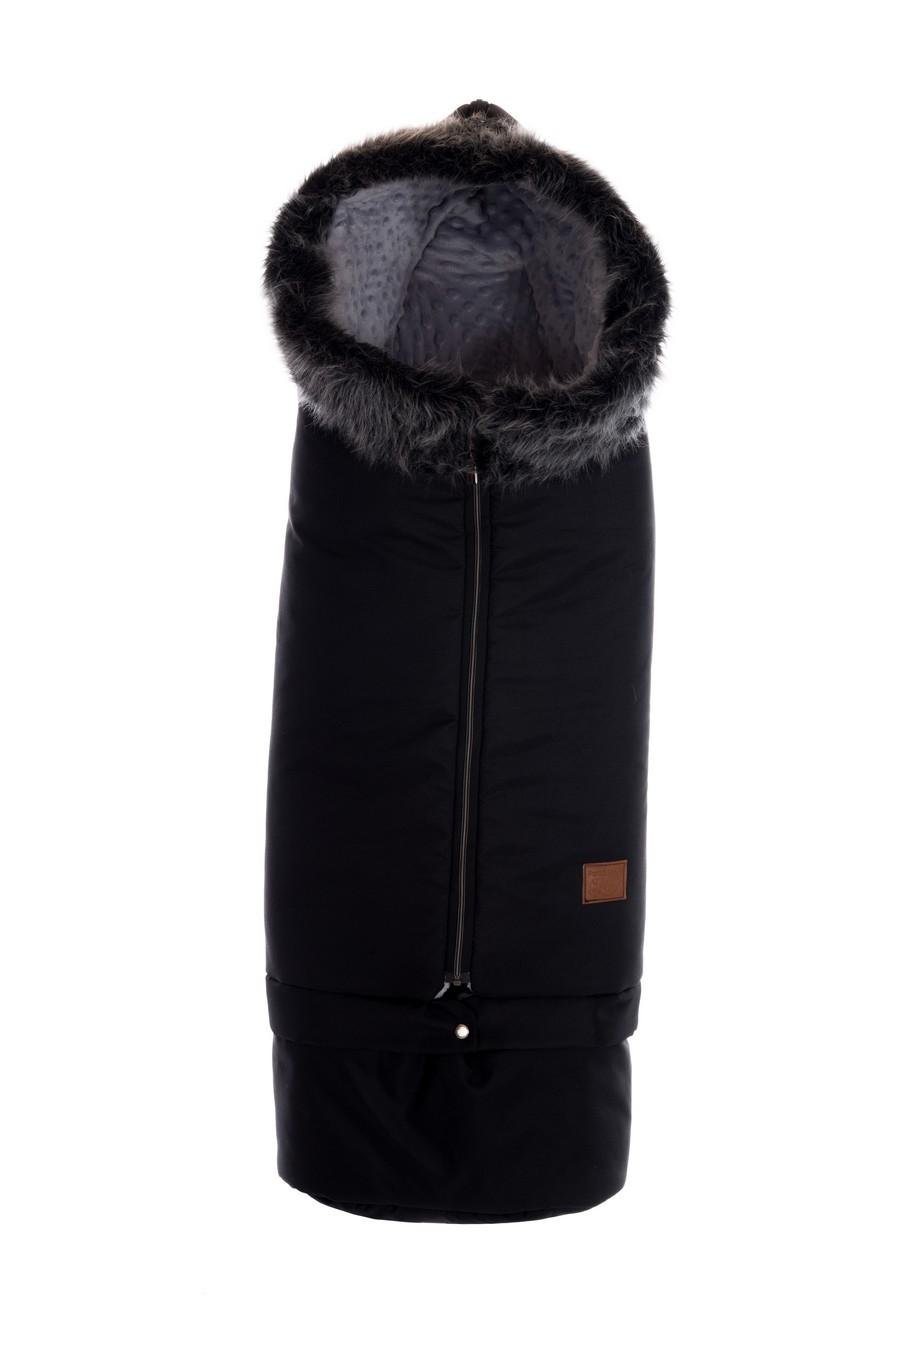 Zimní prodlužovací fusak Paradise Baby s kožešinou - černý - minky